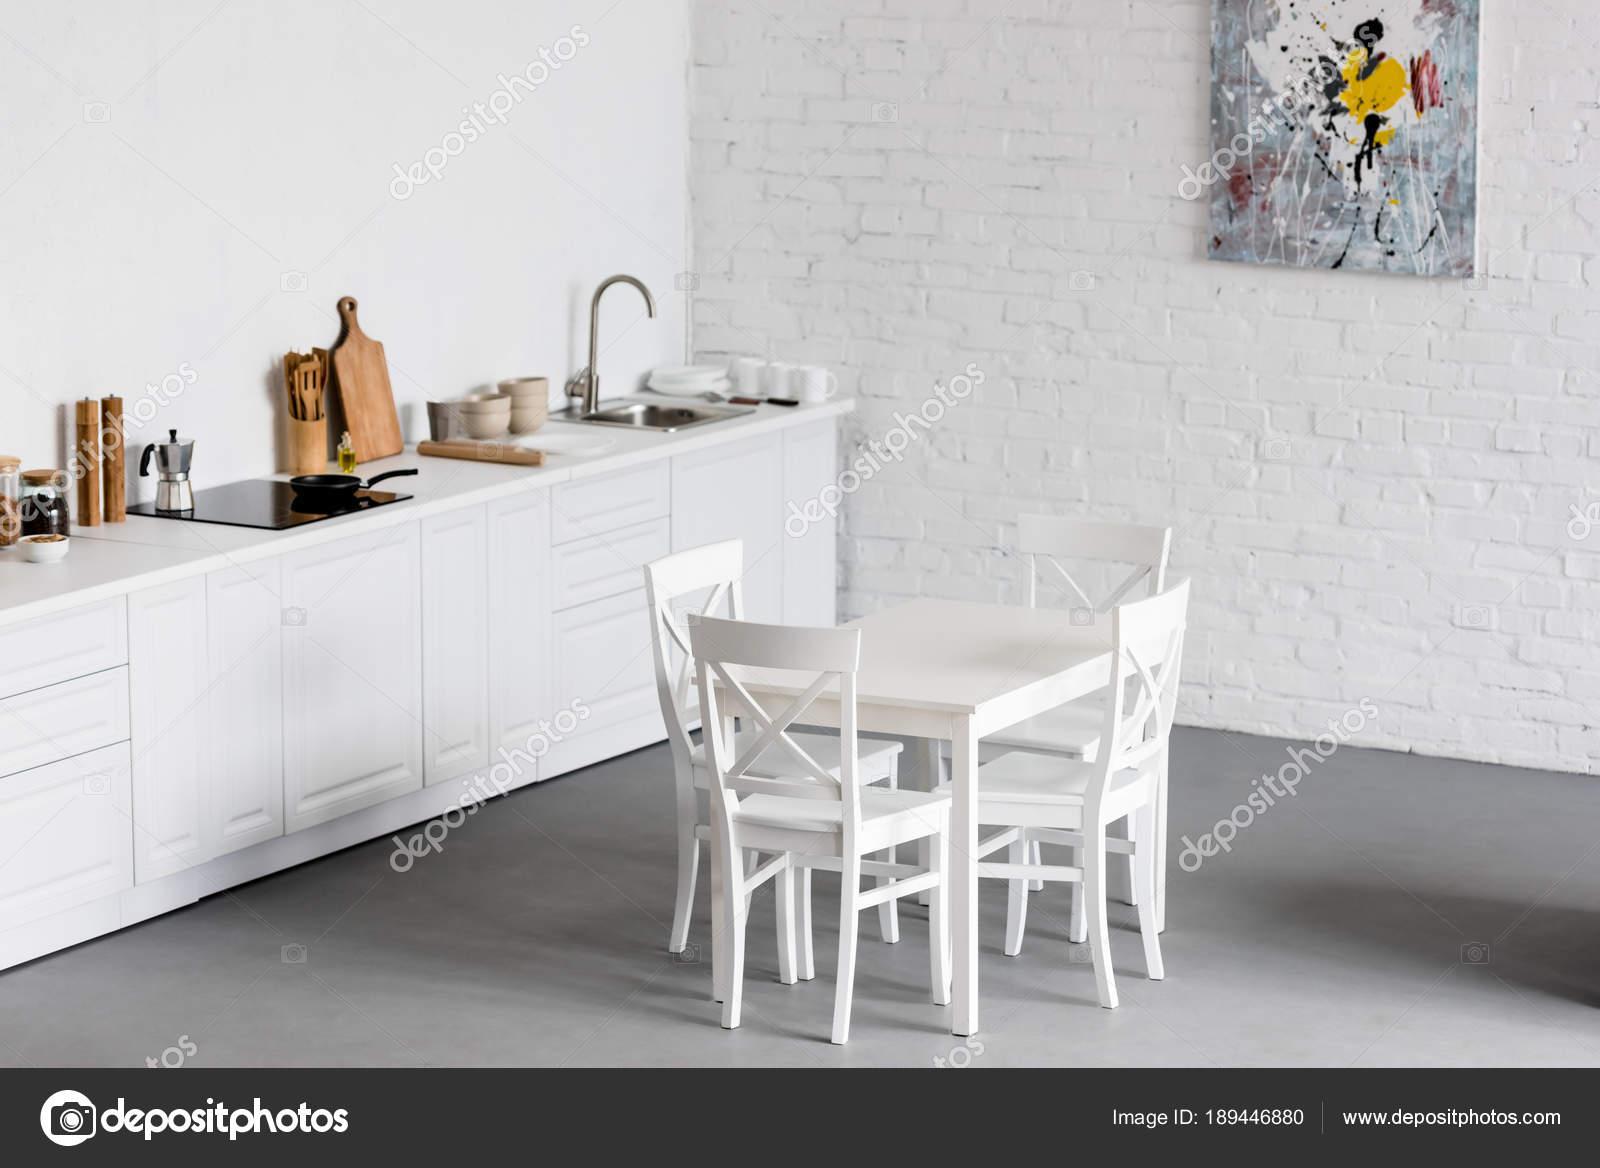 Moderne Witte Eettafel.Witte Eettafel Moderne Keuken Met Witte Bakstenen Muren